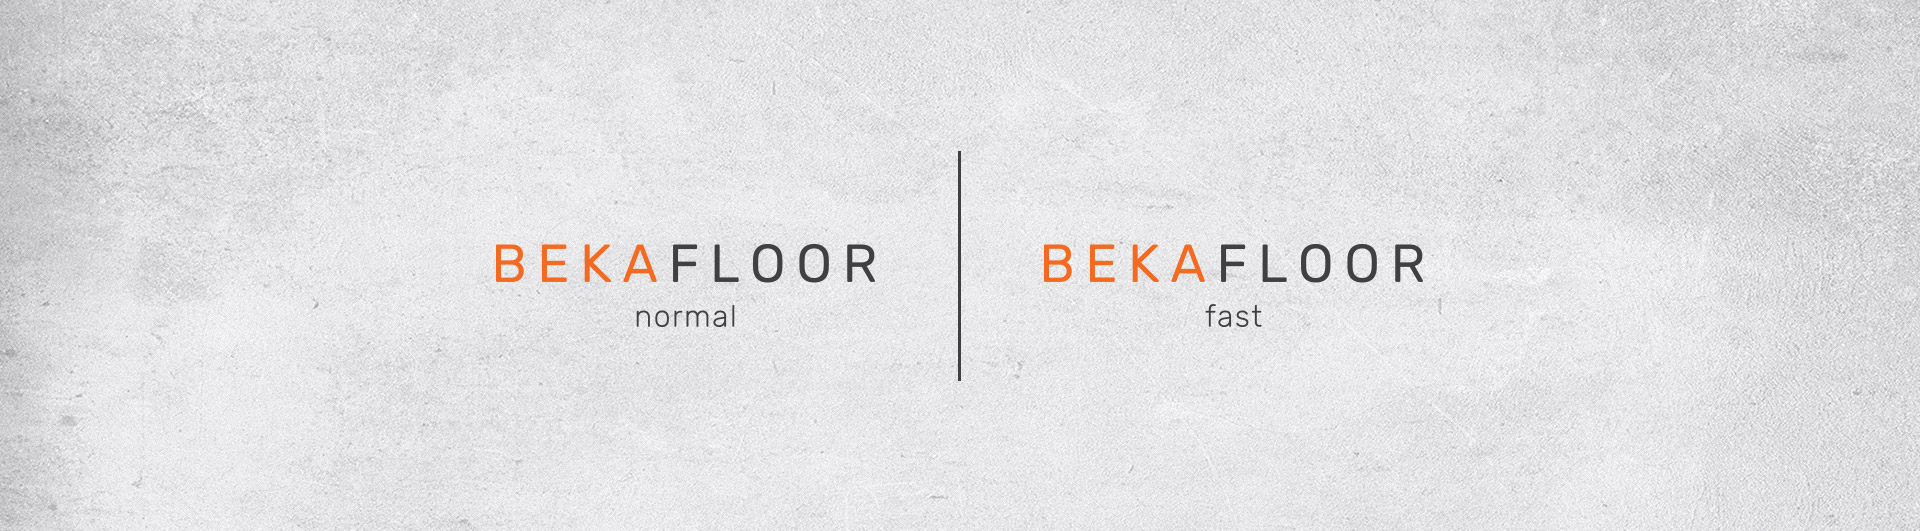 bekafloor_products.jpg